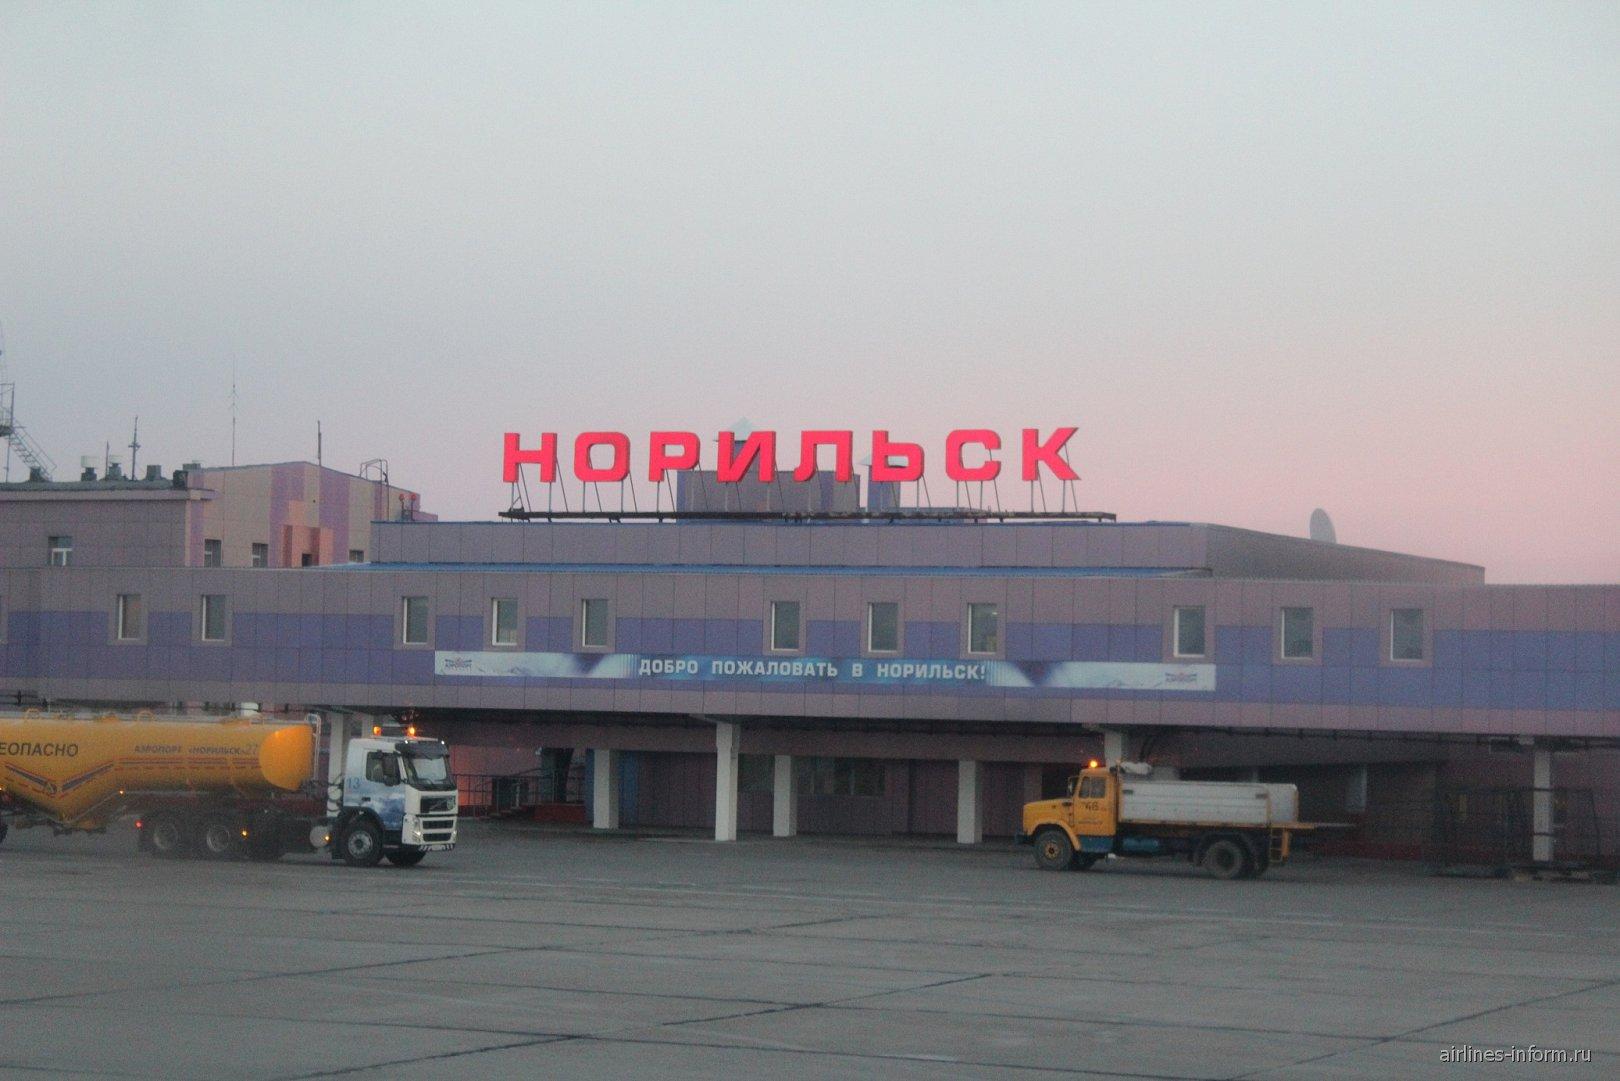 Аэровокзал аэропорта Норильск Алыкель